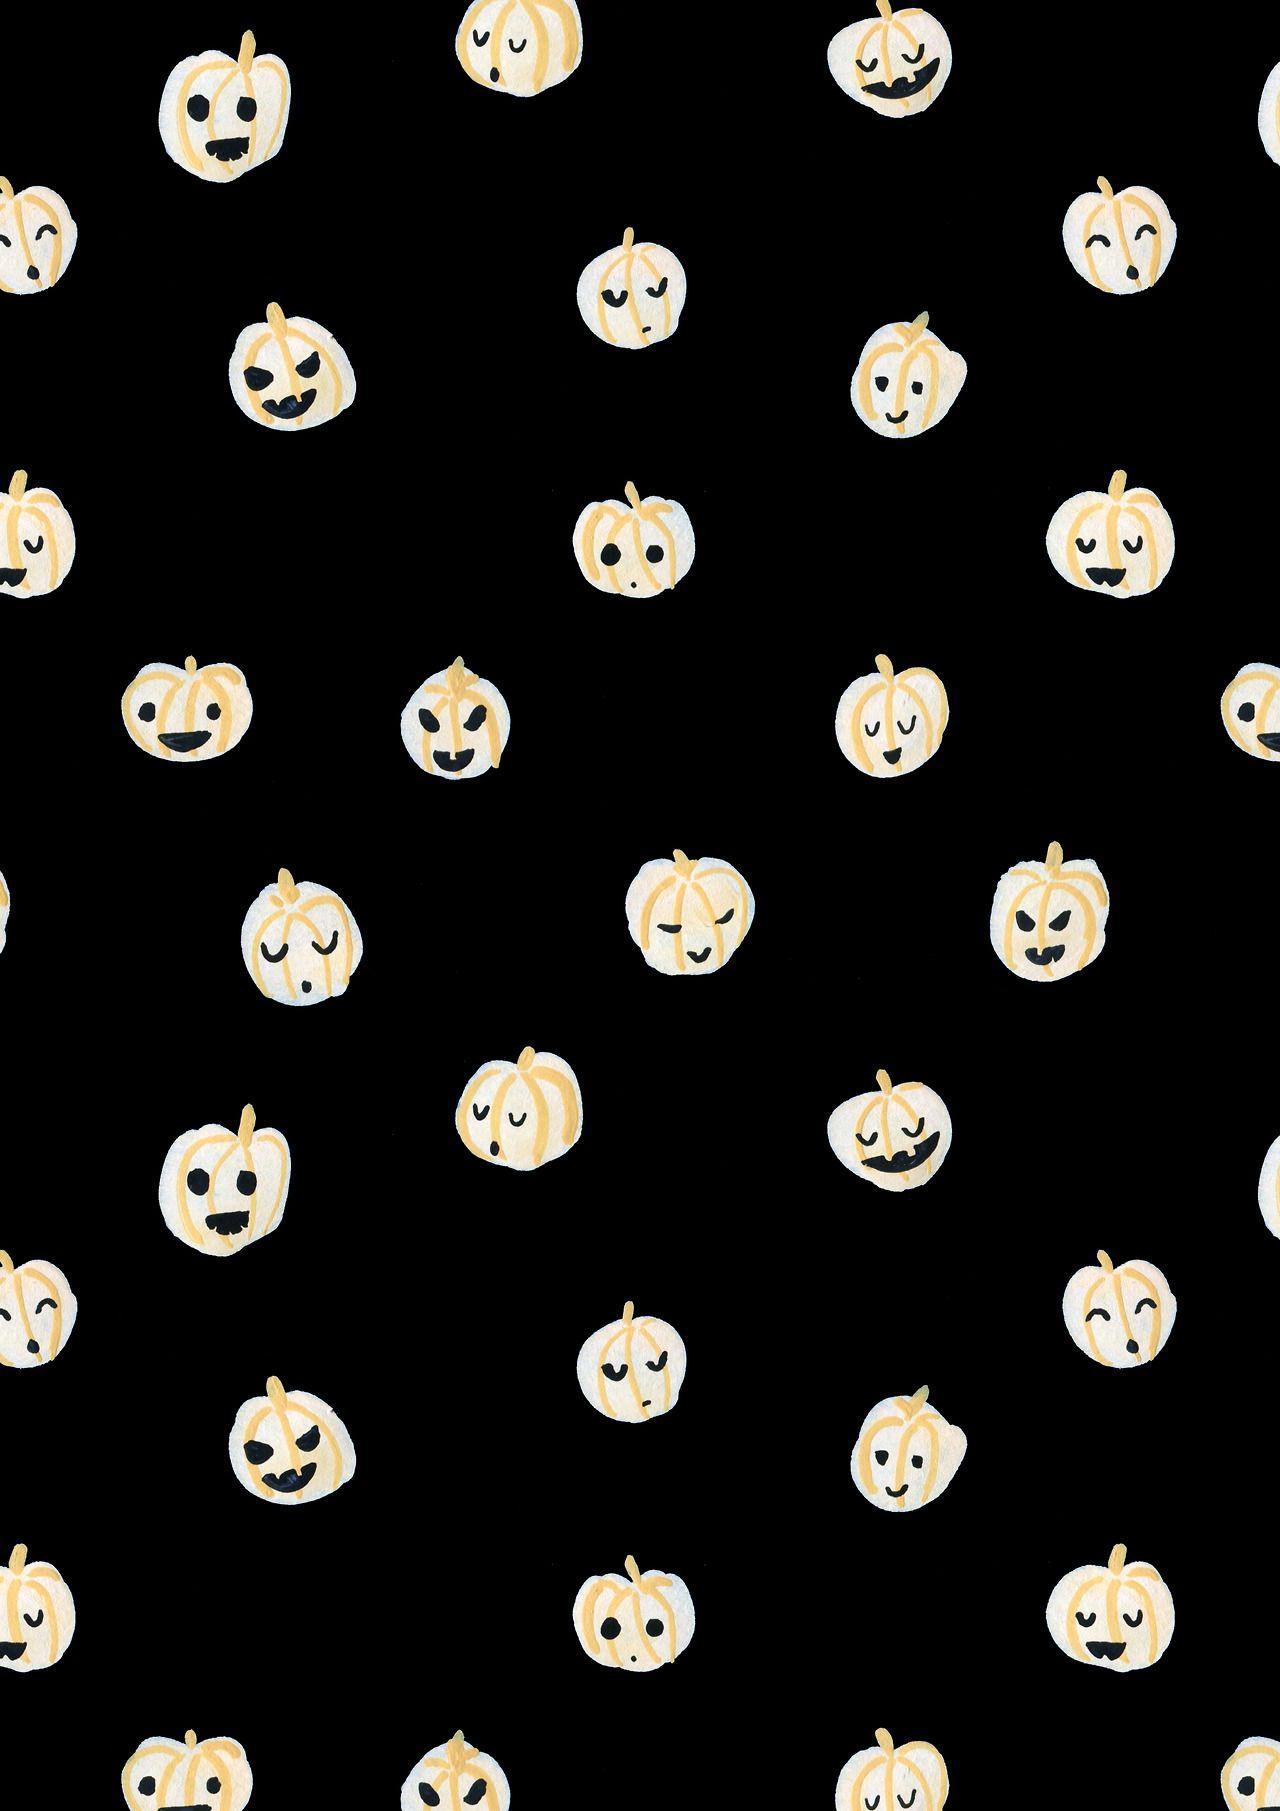 Cute Halloween Computer Wallpaper : halloween, computer, wallpaper, Halloween, Pattern, Wallpapers, Backgrounds, WallpaperAccess